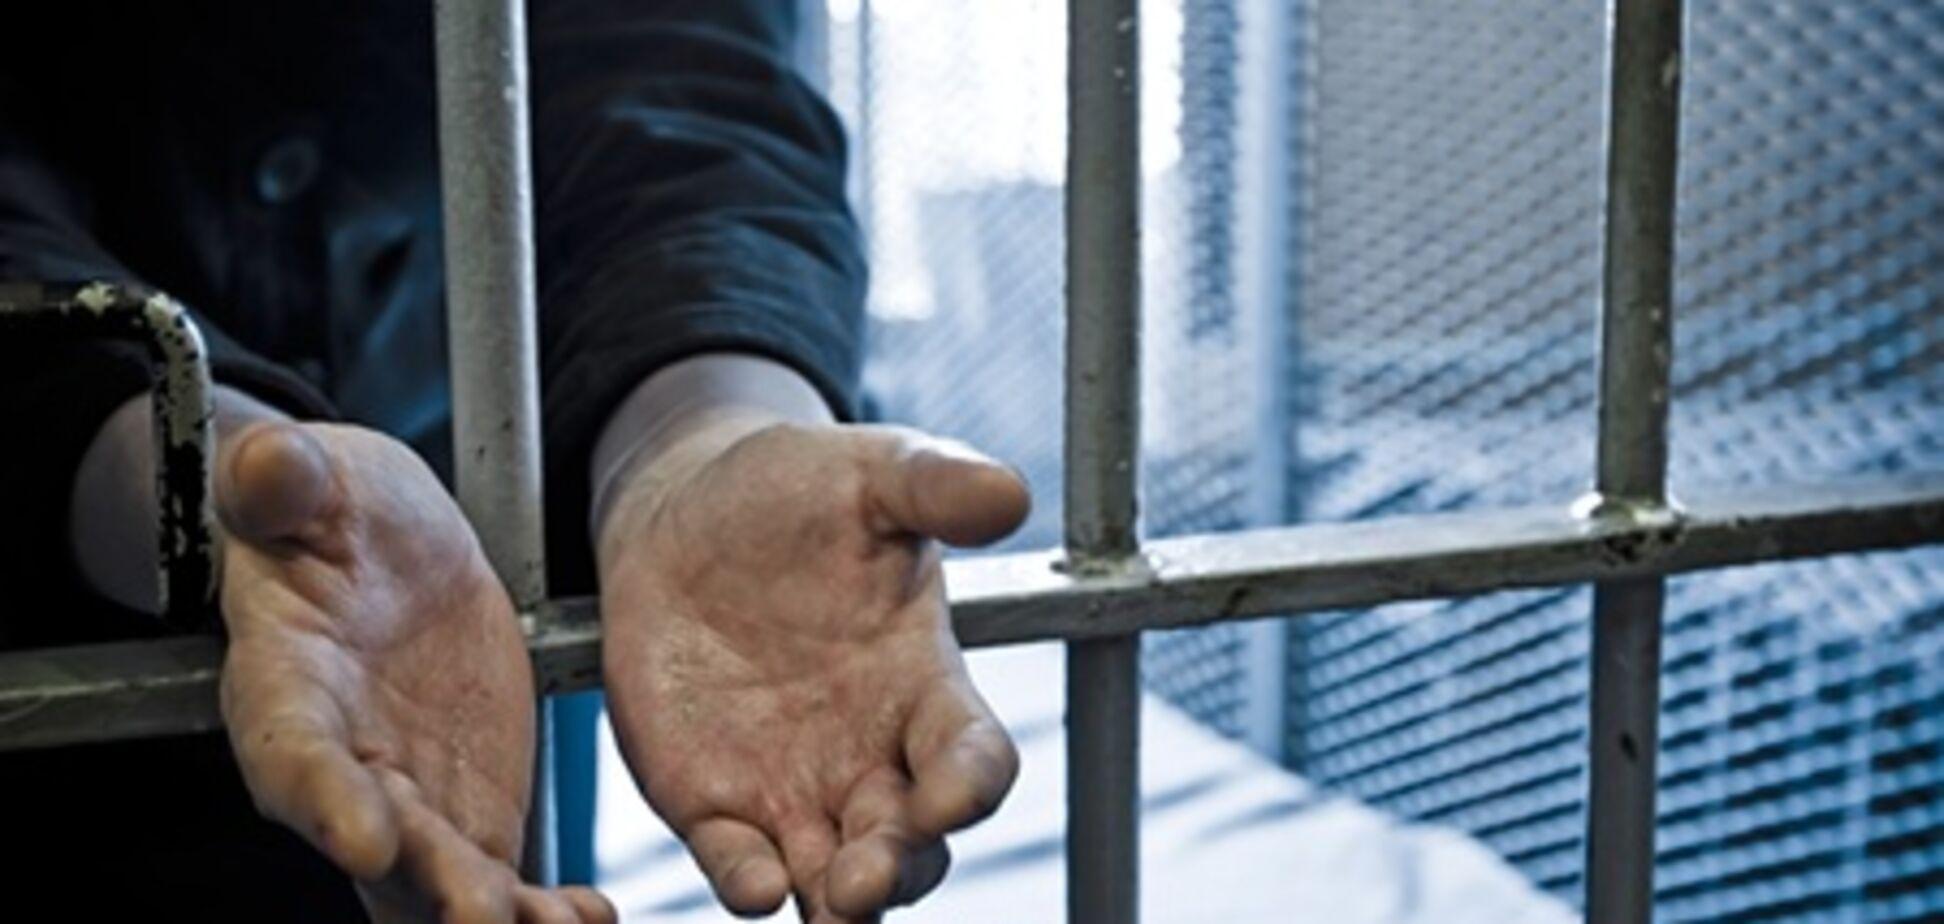 На Хмельнитчине осужденные во время этапирования порезали себе вены